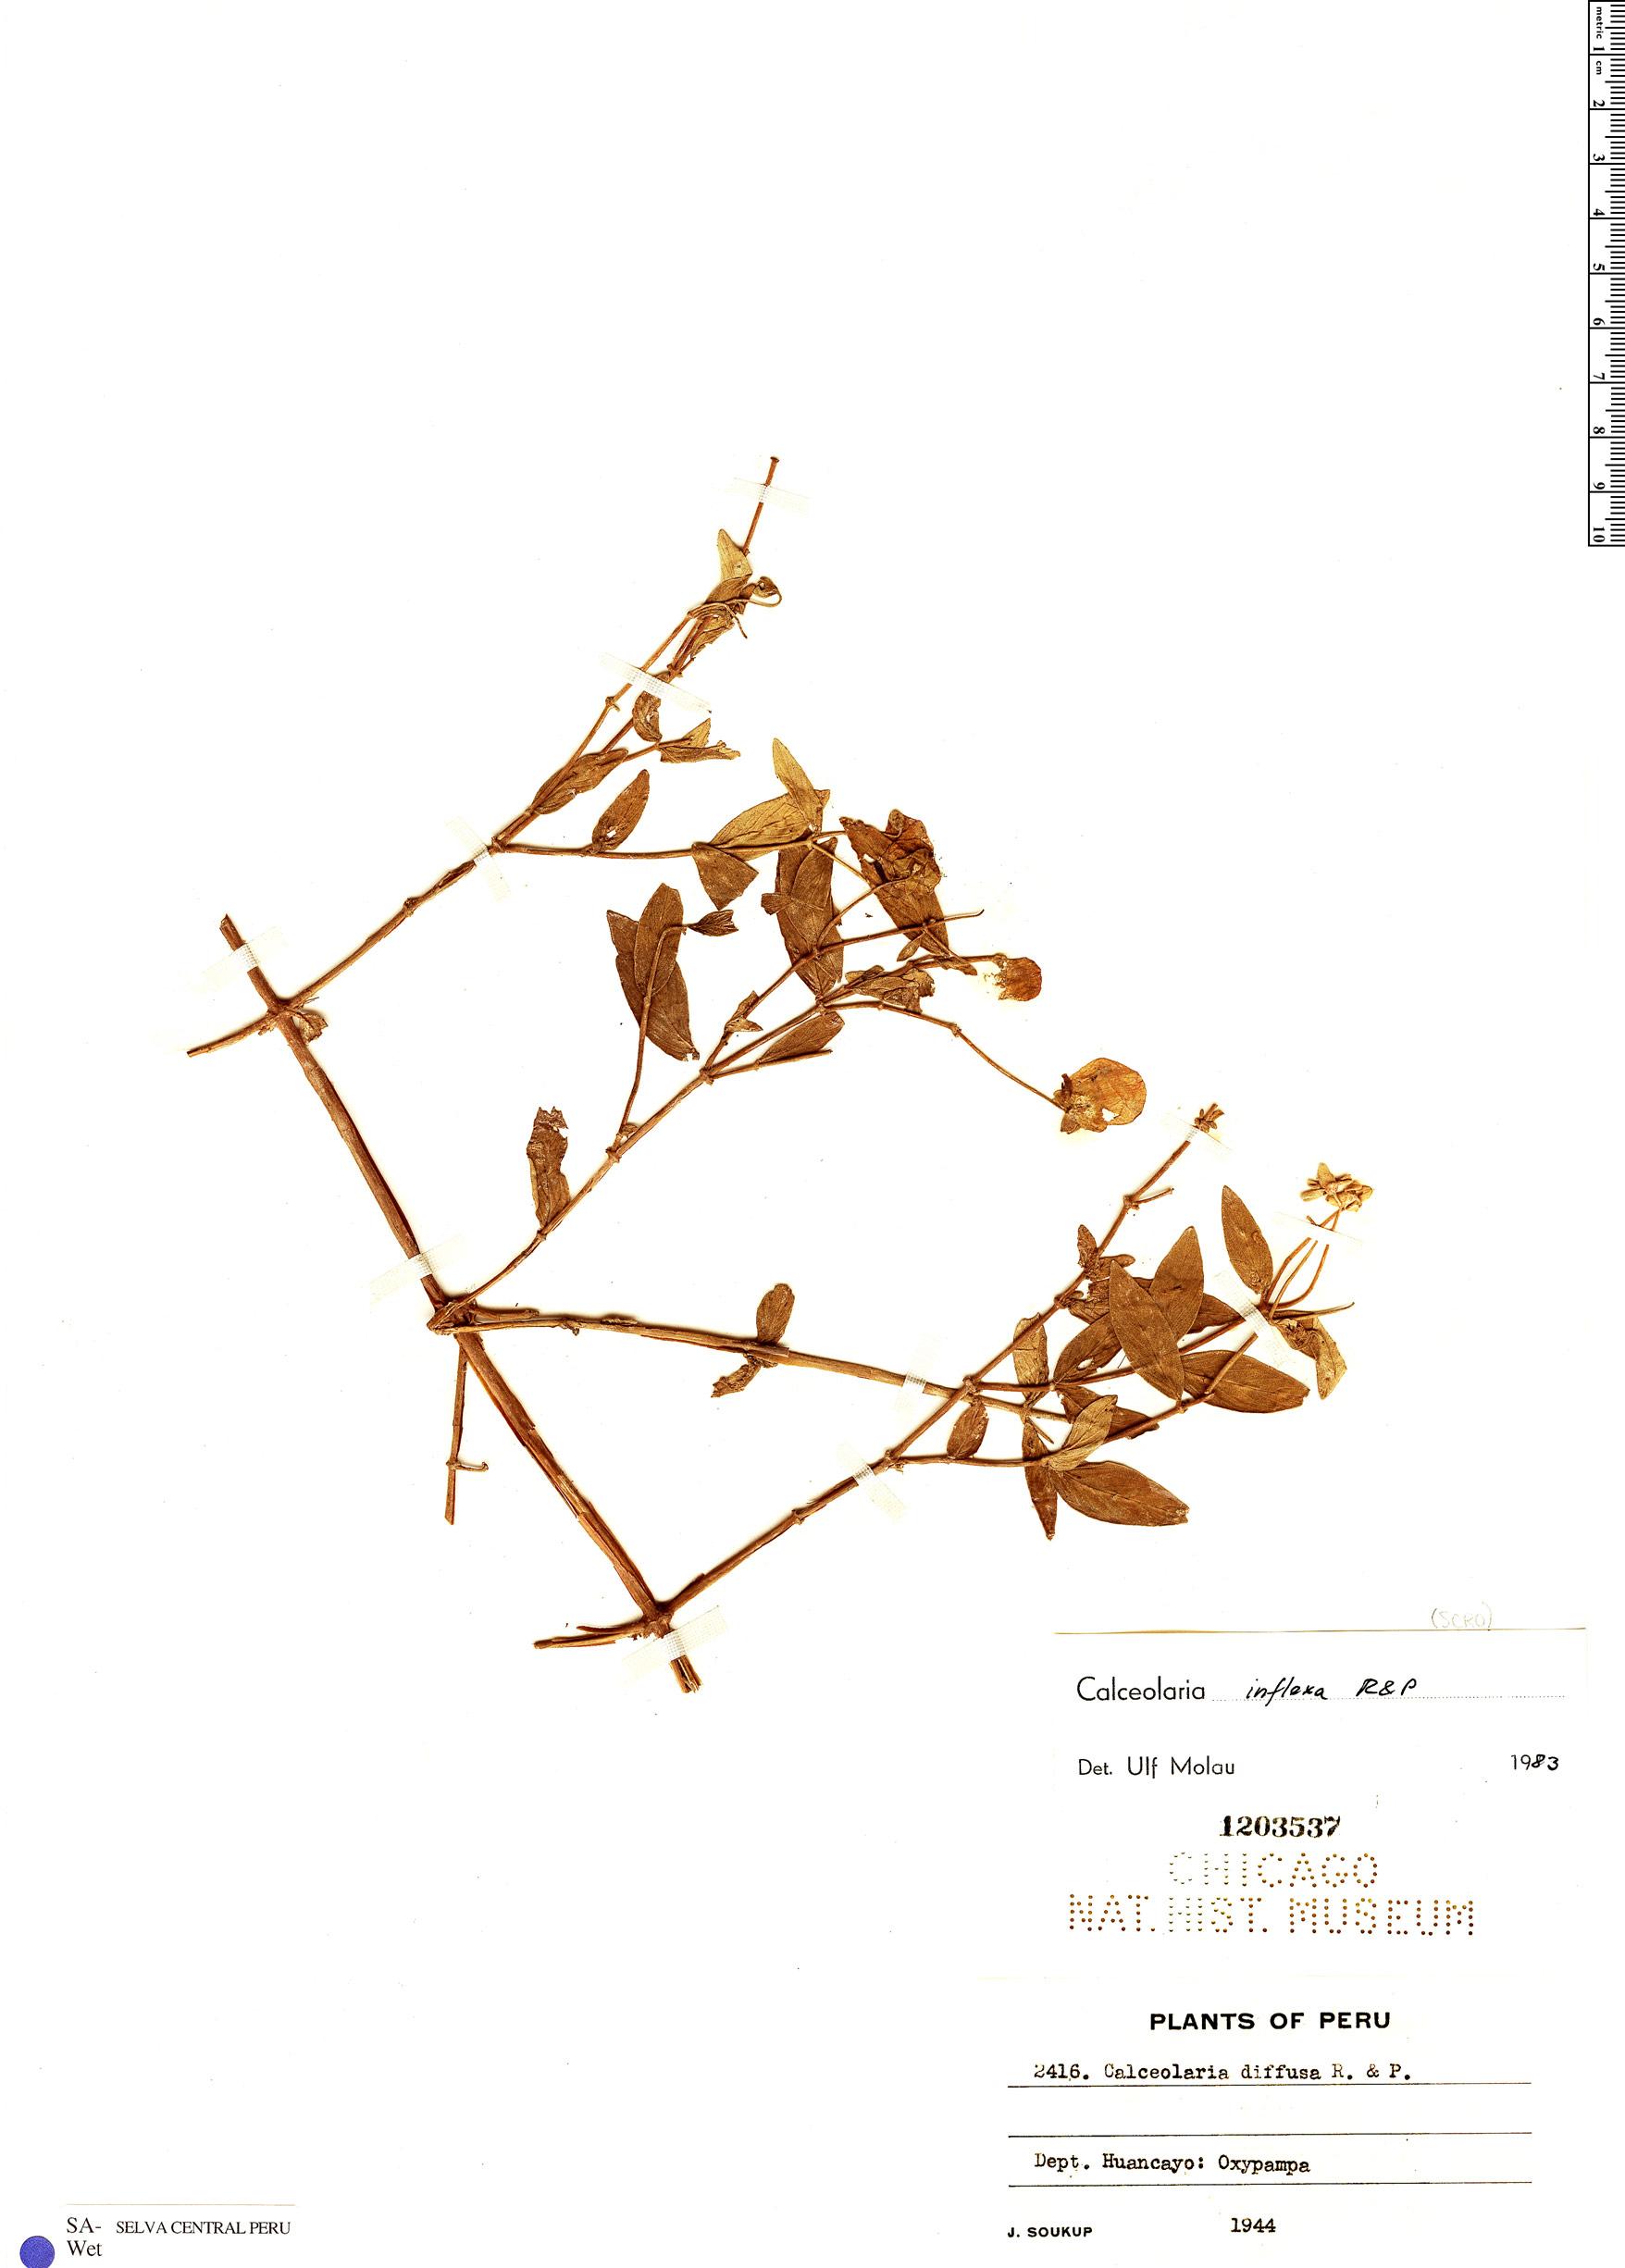 Specimen: Calceolaria inflexa